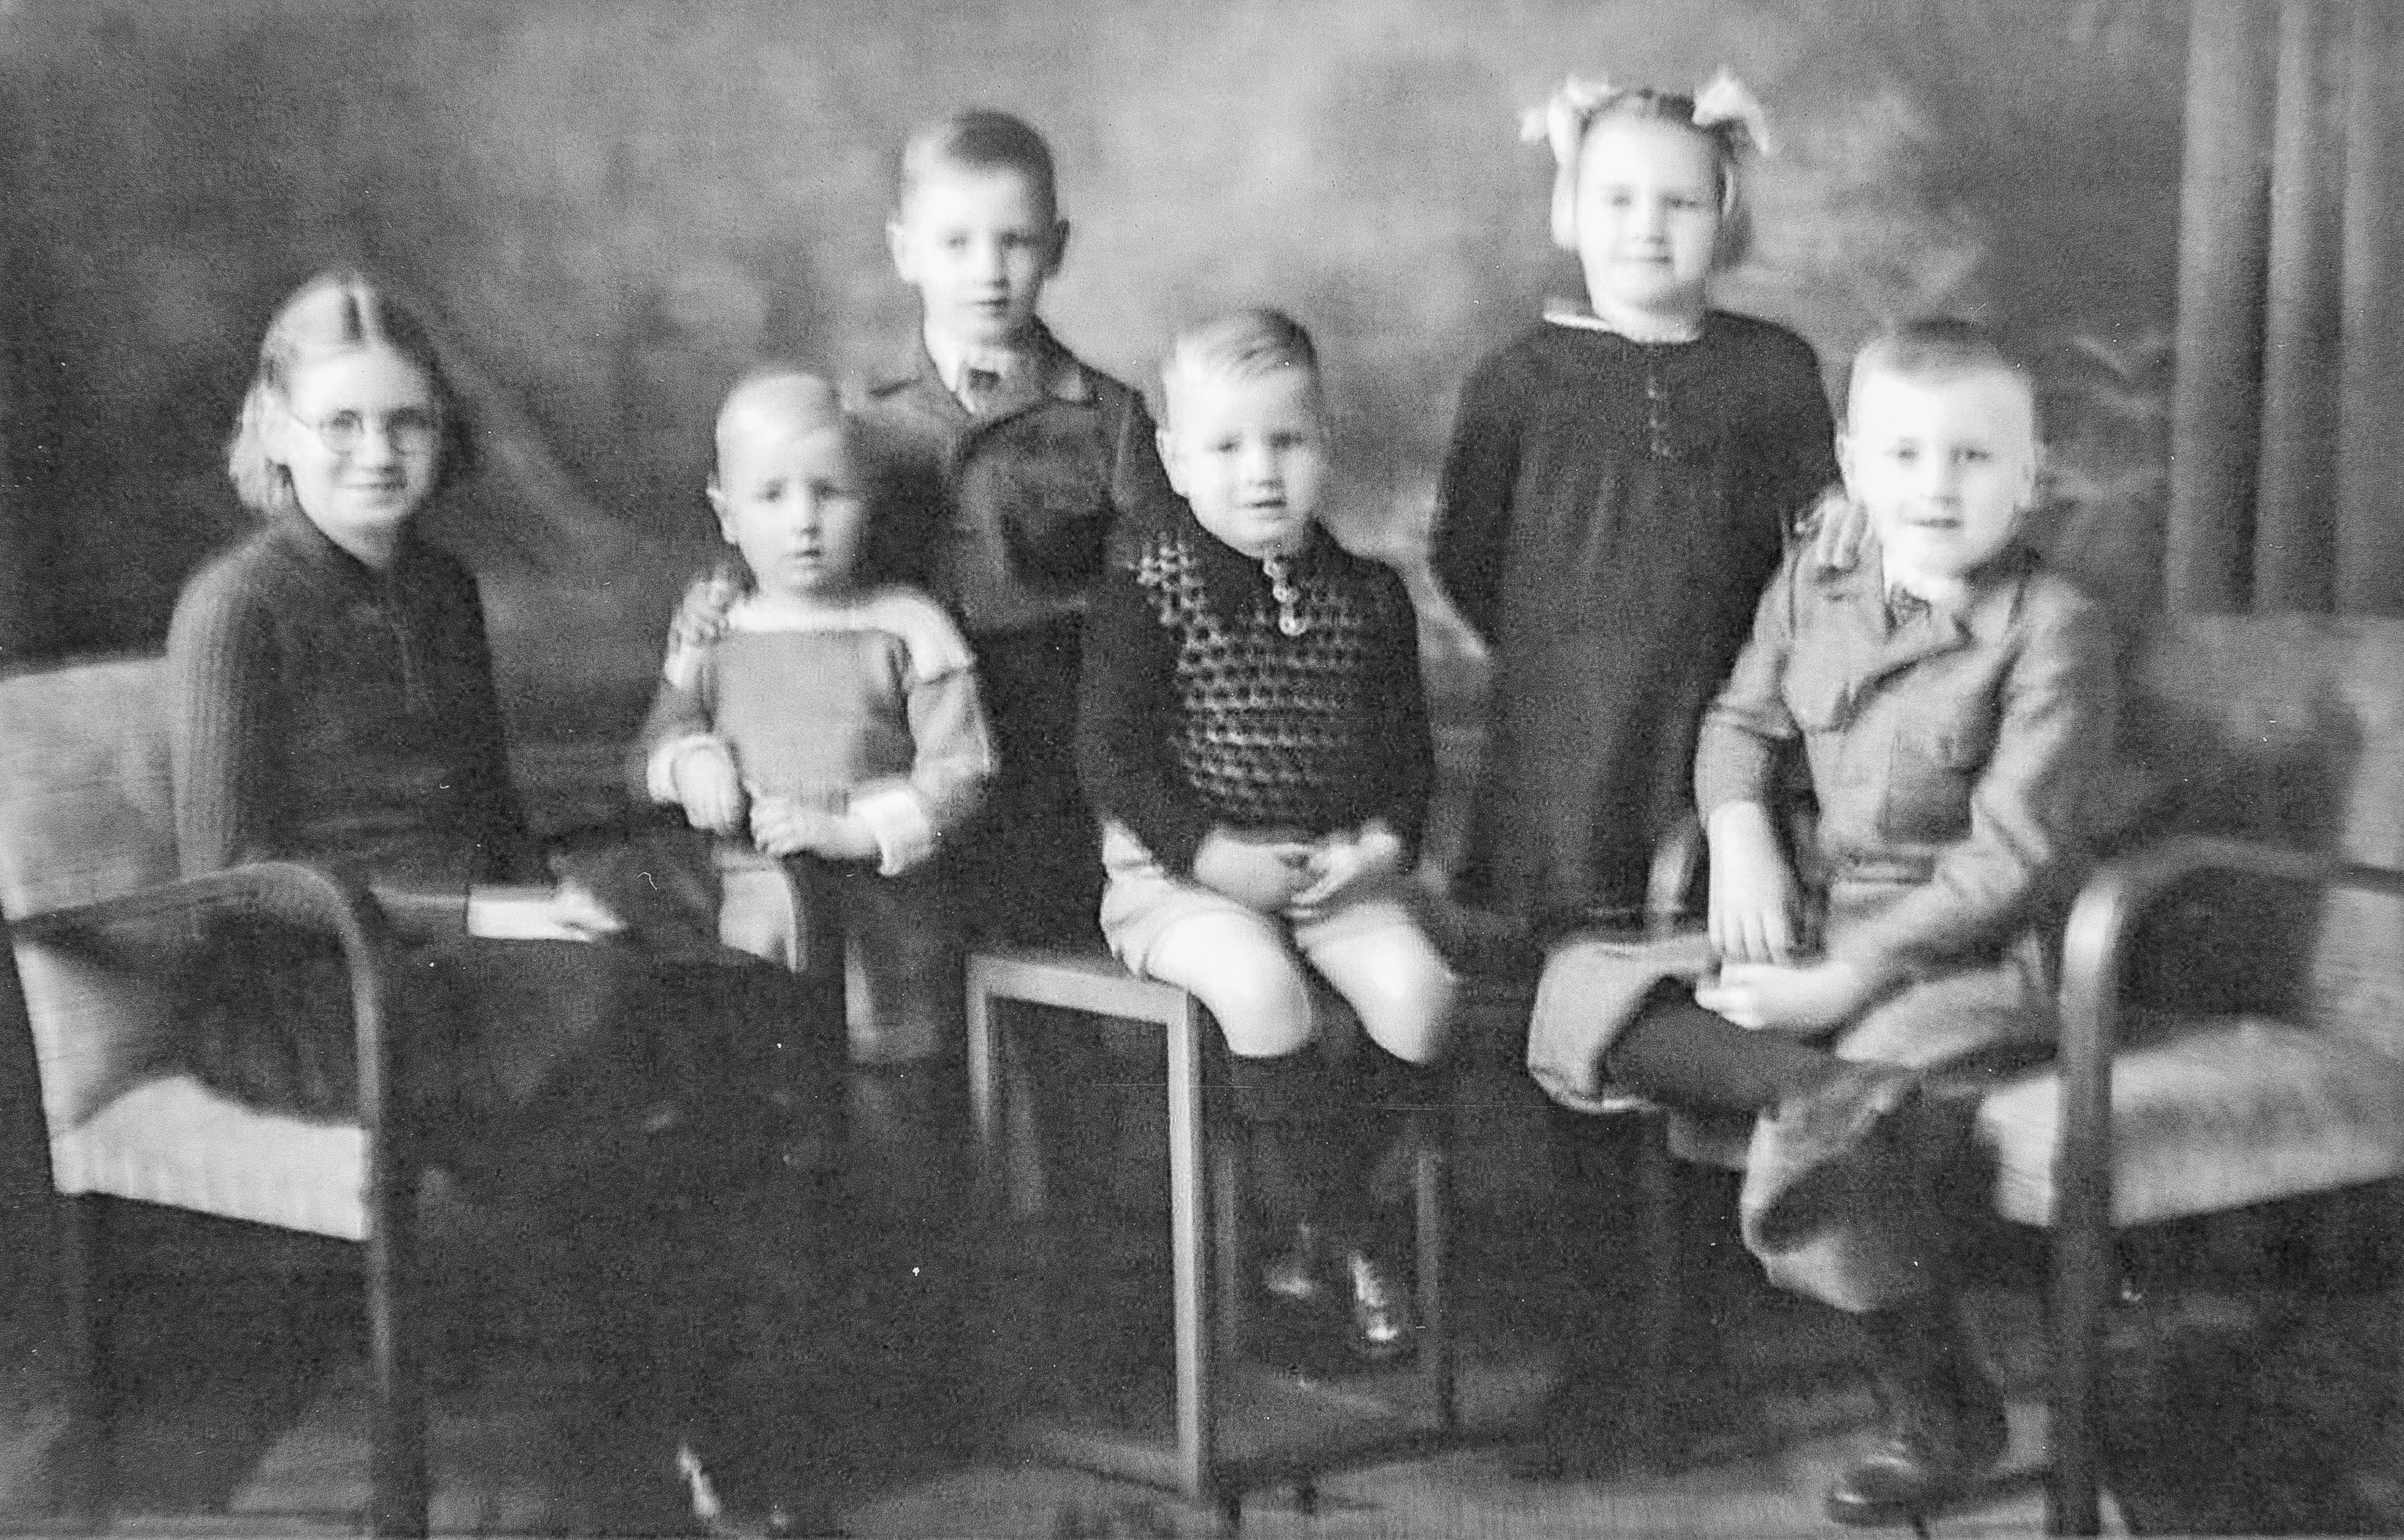 De zes kinderen Bergsma kwamen als wees uit het jappenkamp: 'Wij zullen een ander nooit verraden'